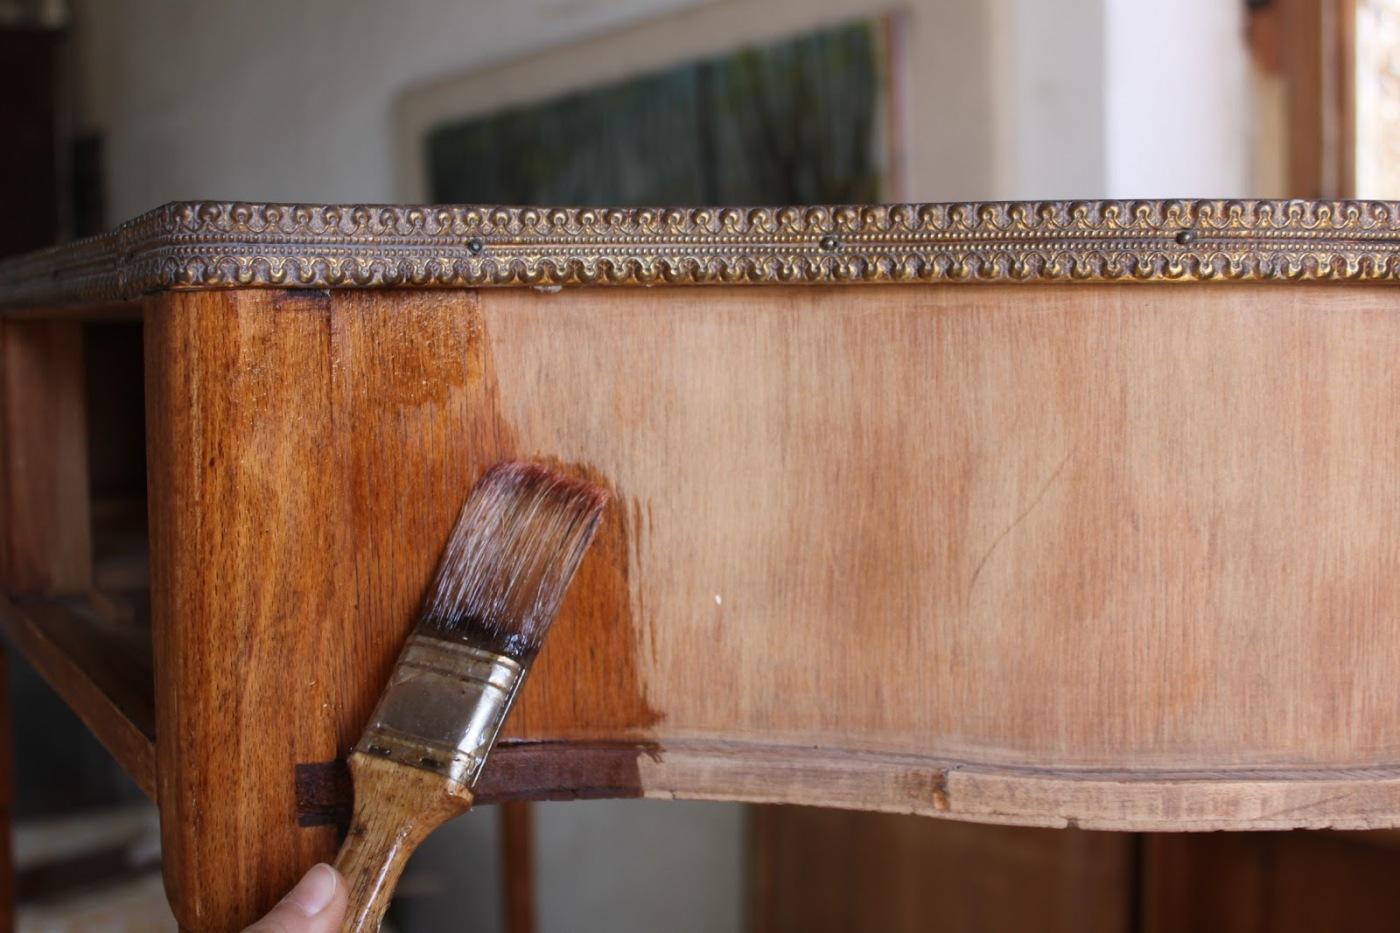 Siete Consejos Para Que Restaures Vos Mismo Tus Muebles  # Como Secar Muebles Mojados